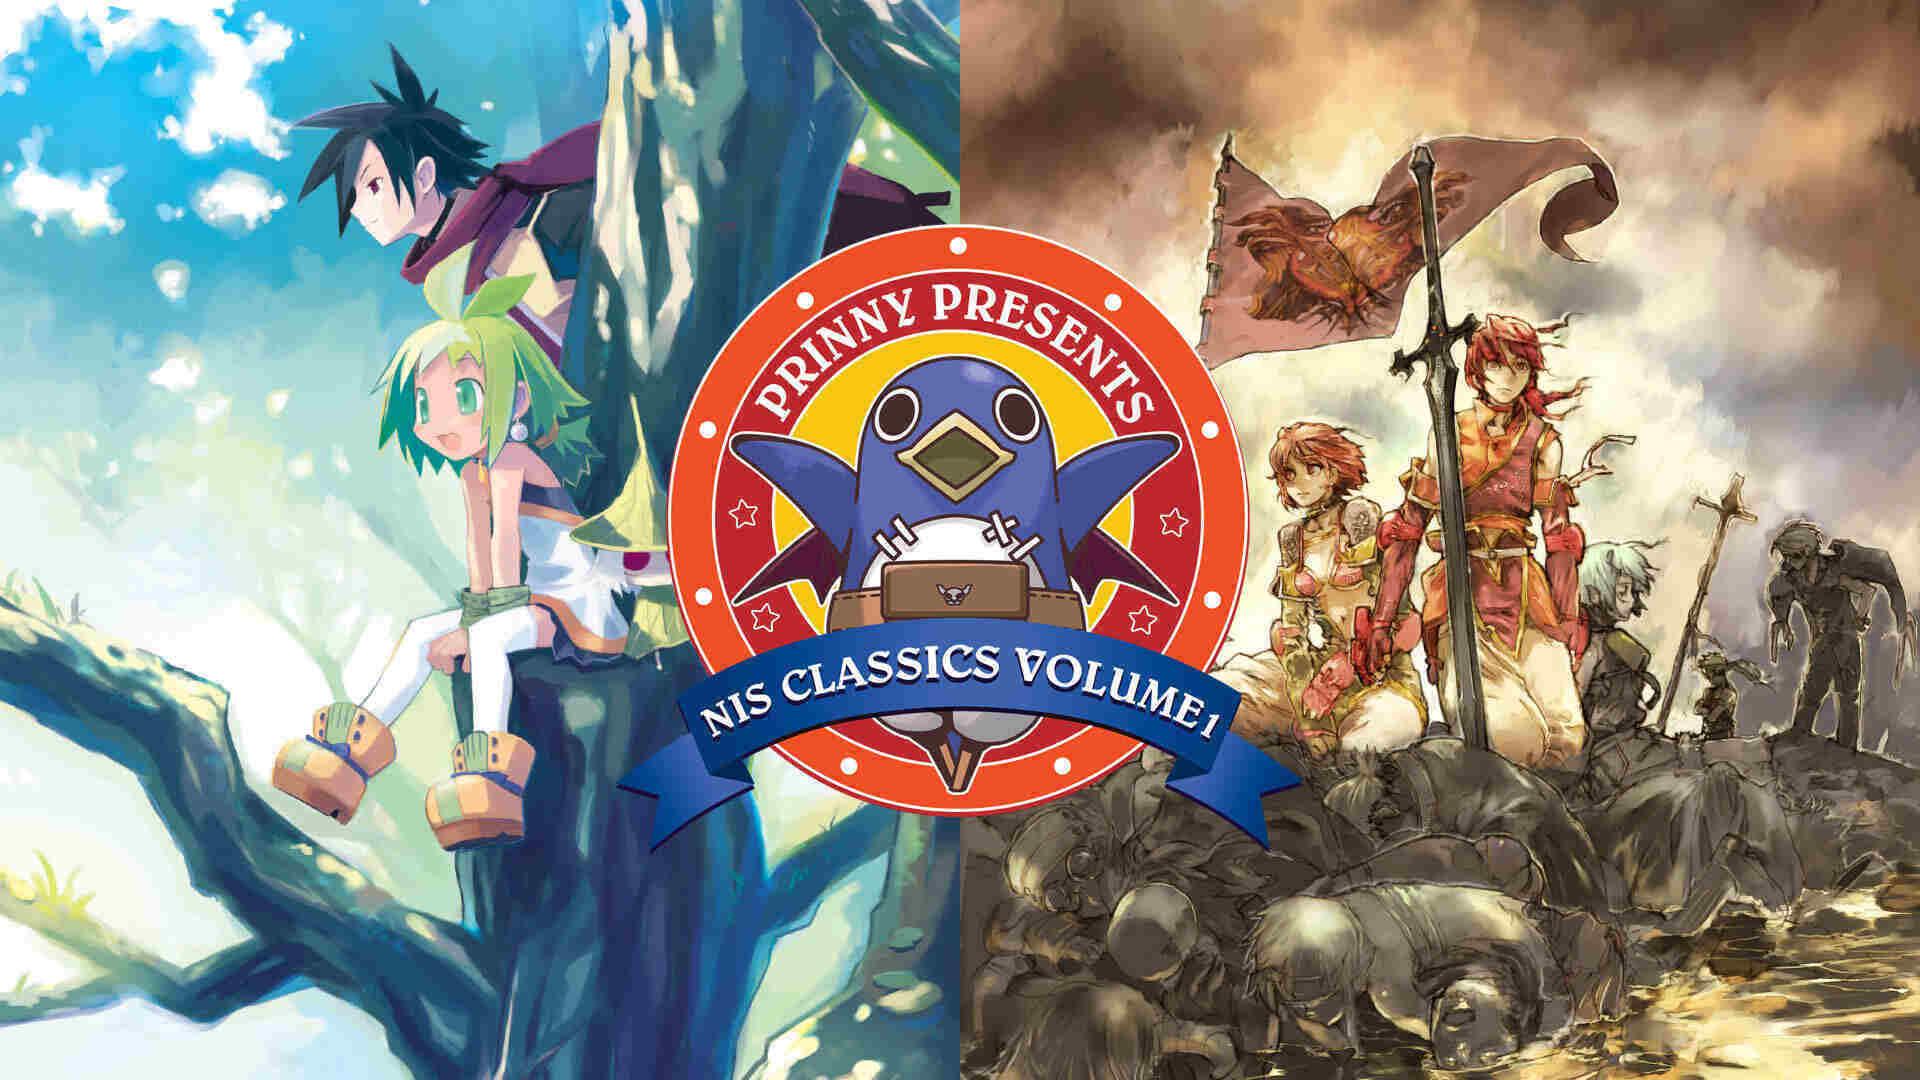 NIS Classics Volume 1 title